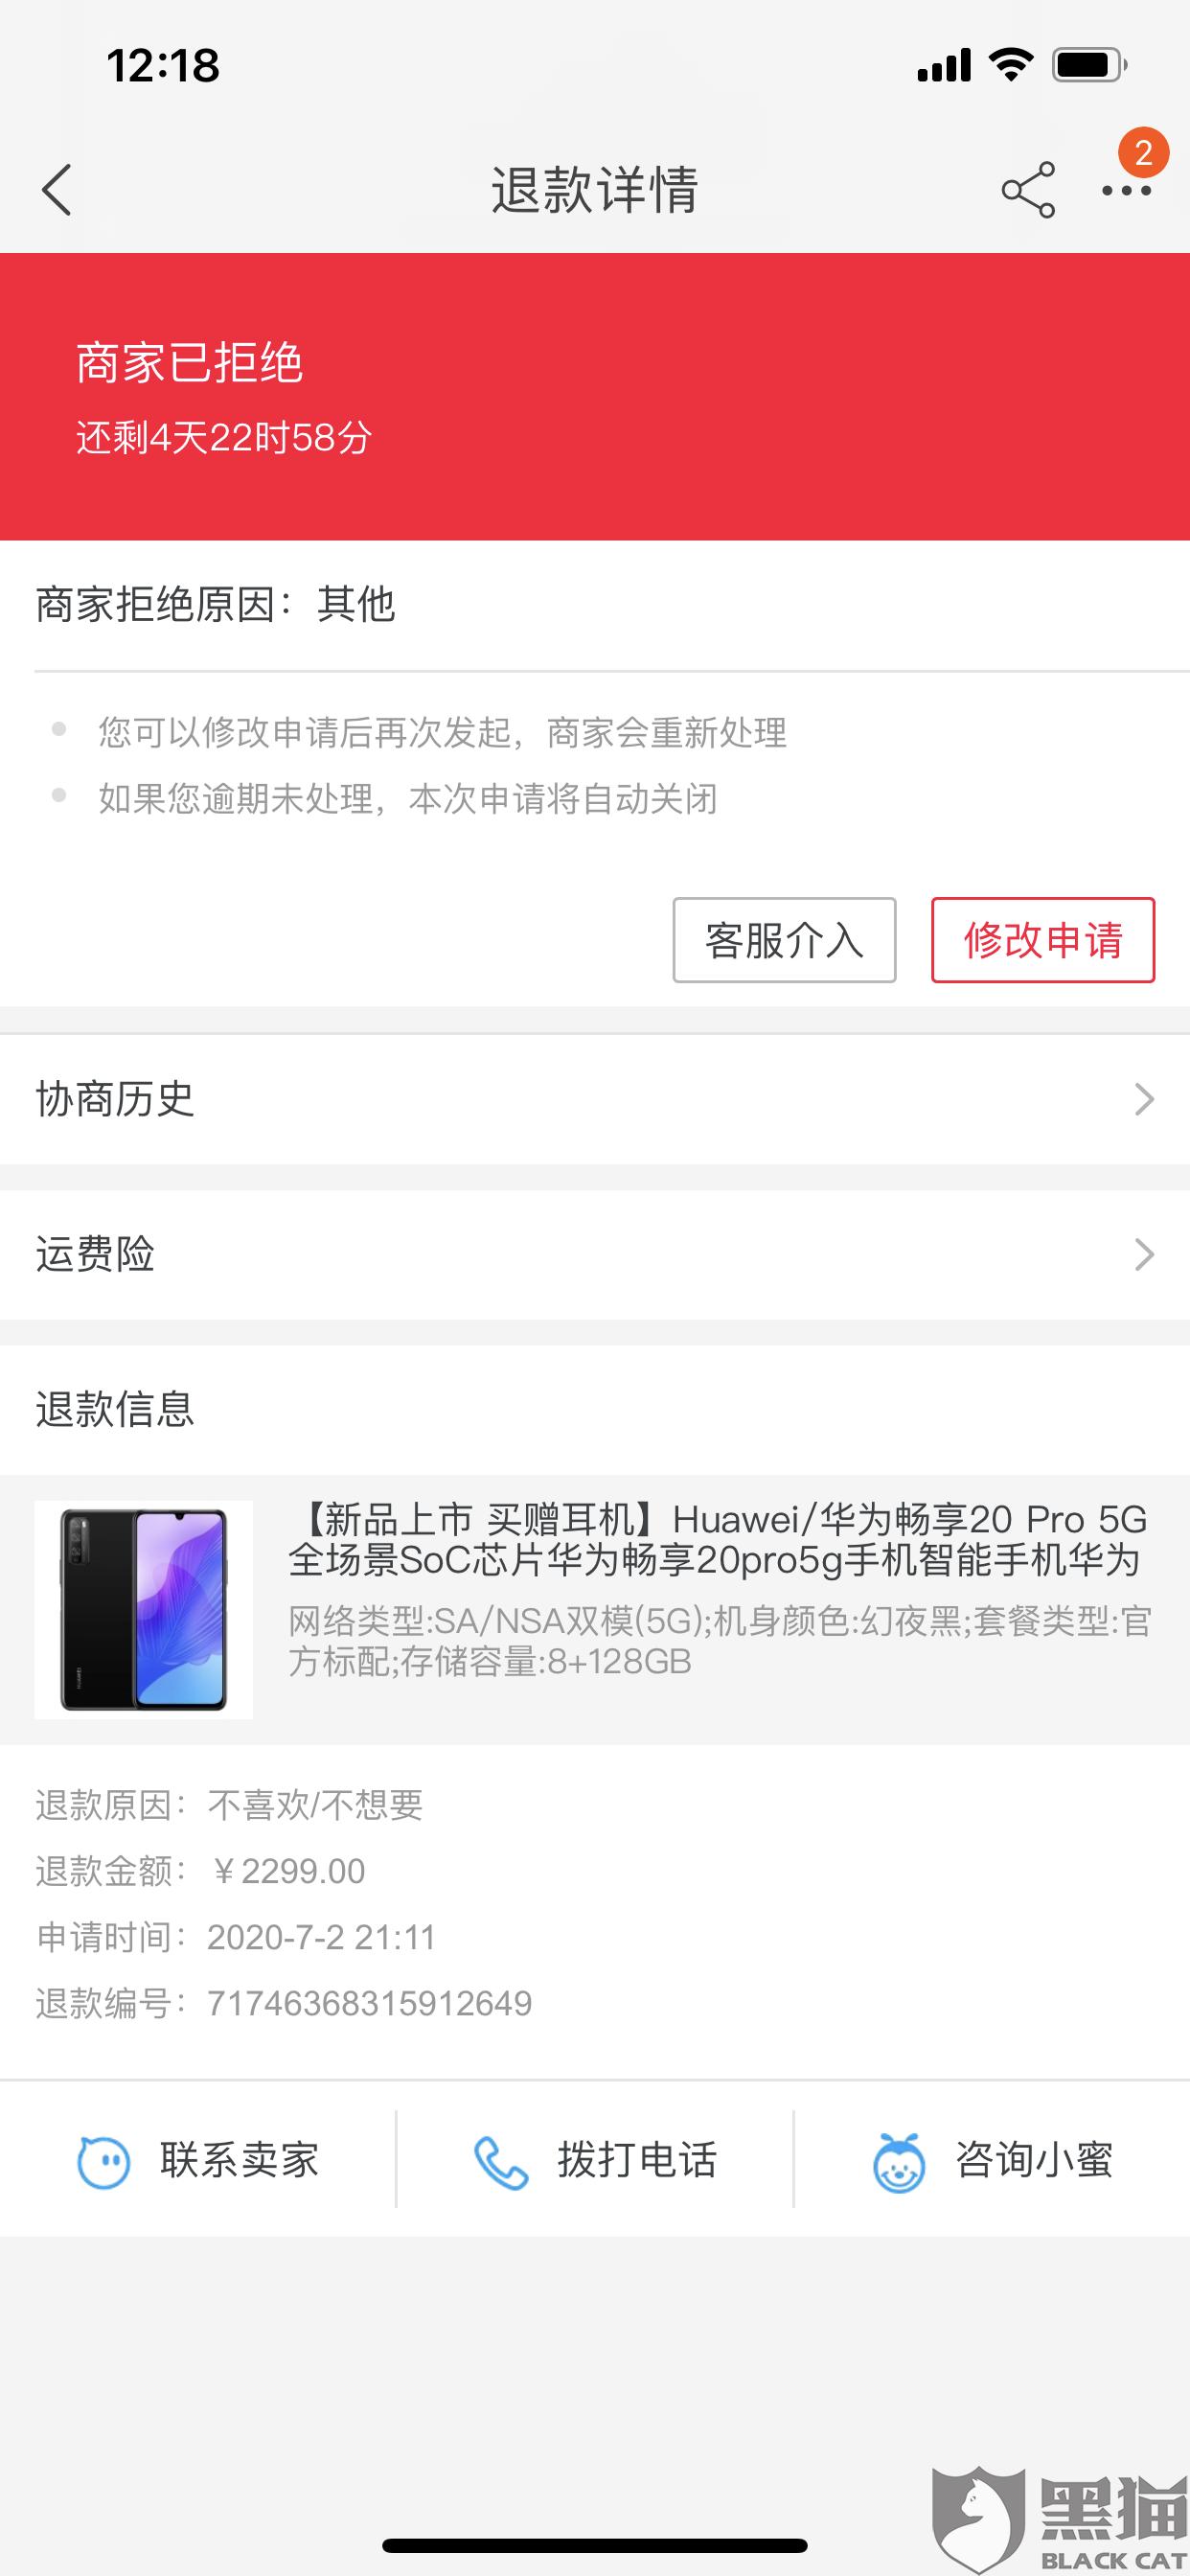 黑猫投诉:要求淘宝华为官方旗舰店退款